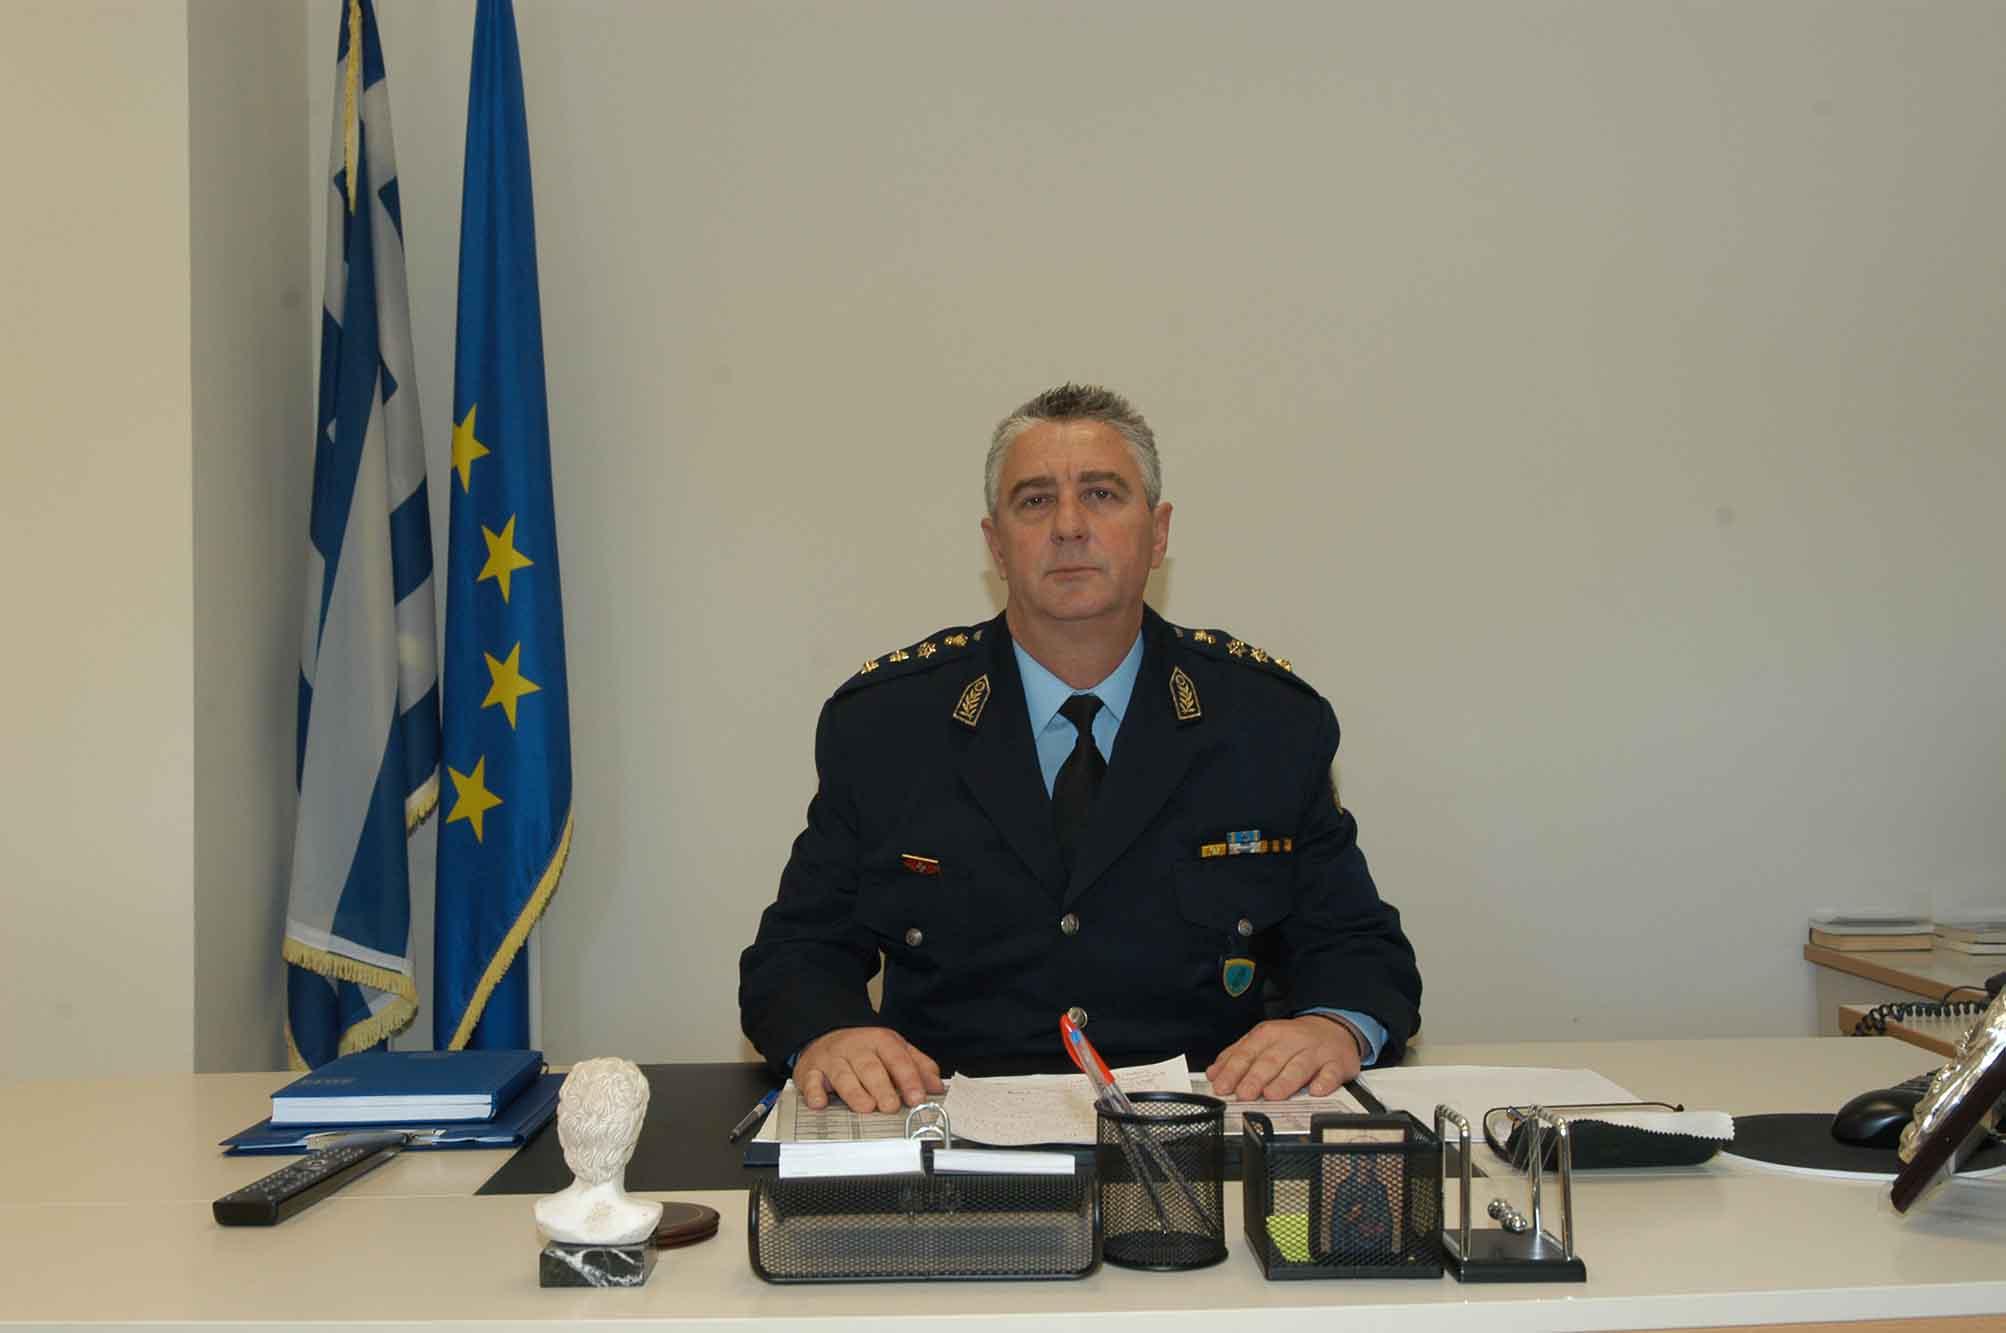 Δημοσθένης Χρήστου : Νέος Διευθυντής Ασφάλειας Δυτικής Μακεδονίας